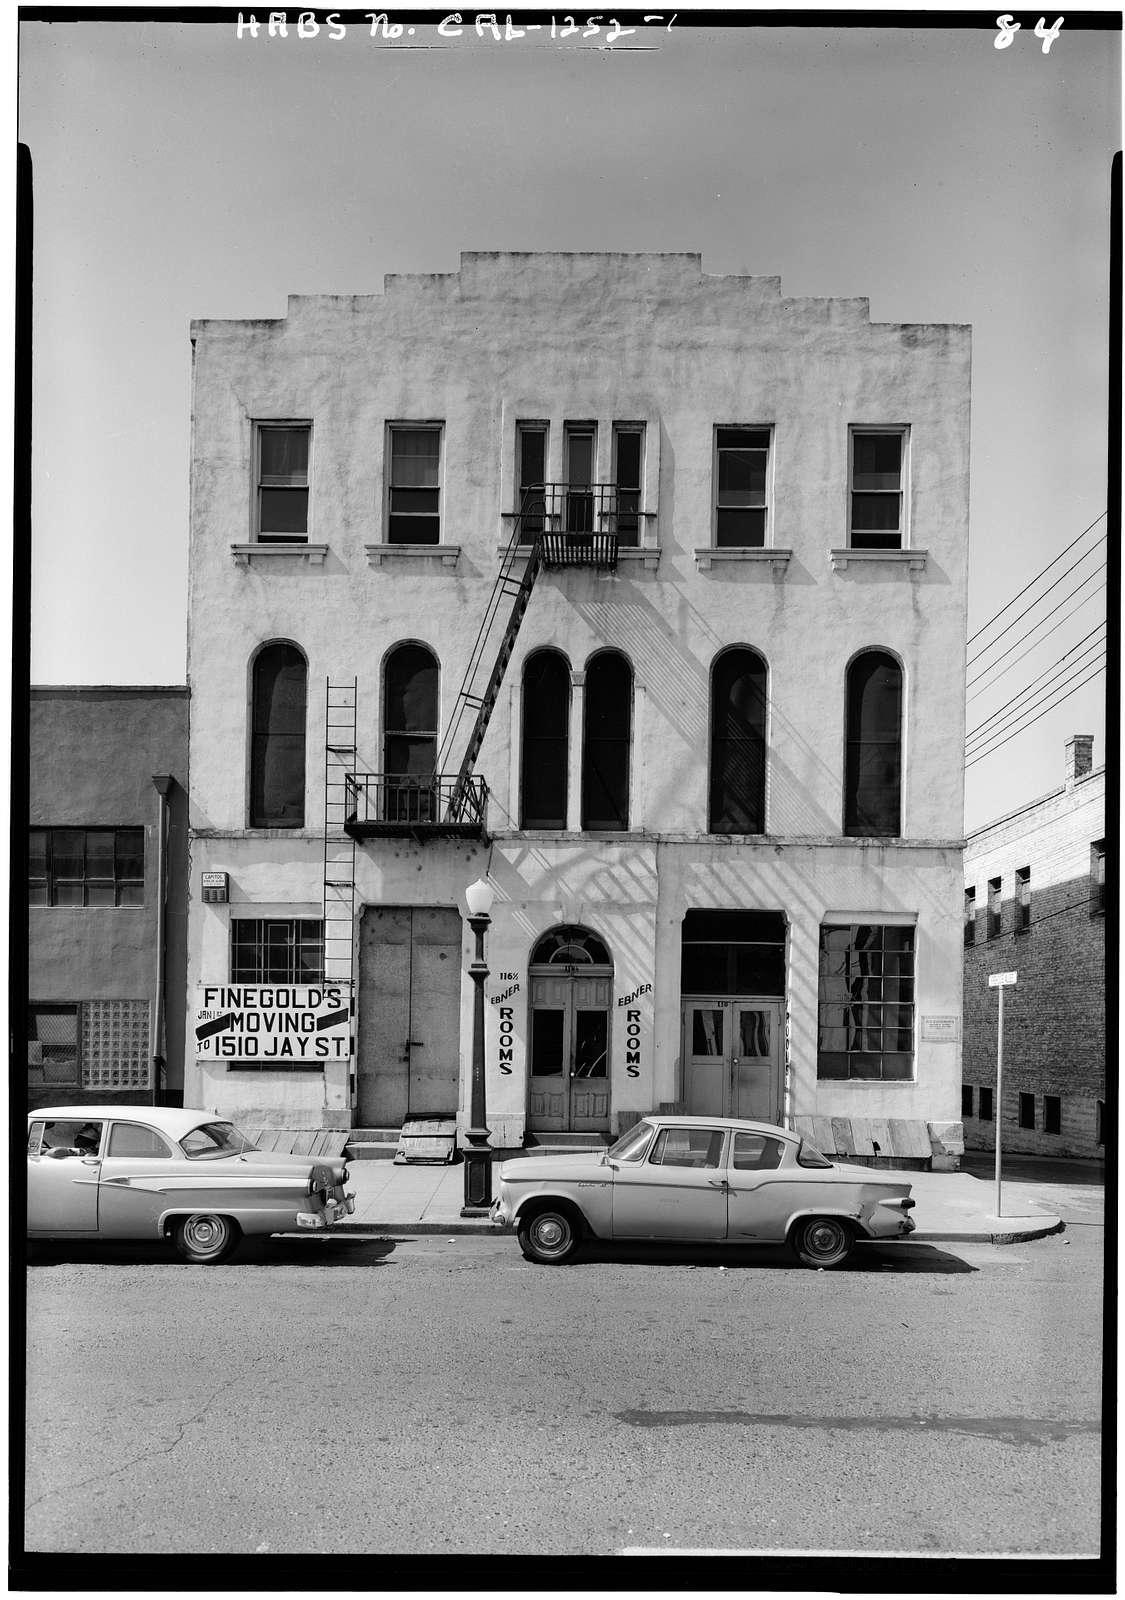 Ebner's Hotel, 116 K Street, Sacramento, Sacramento County, CA